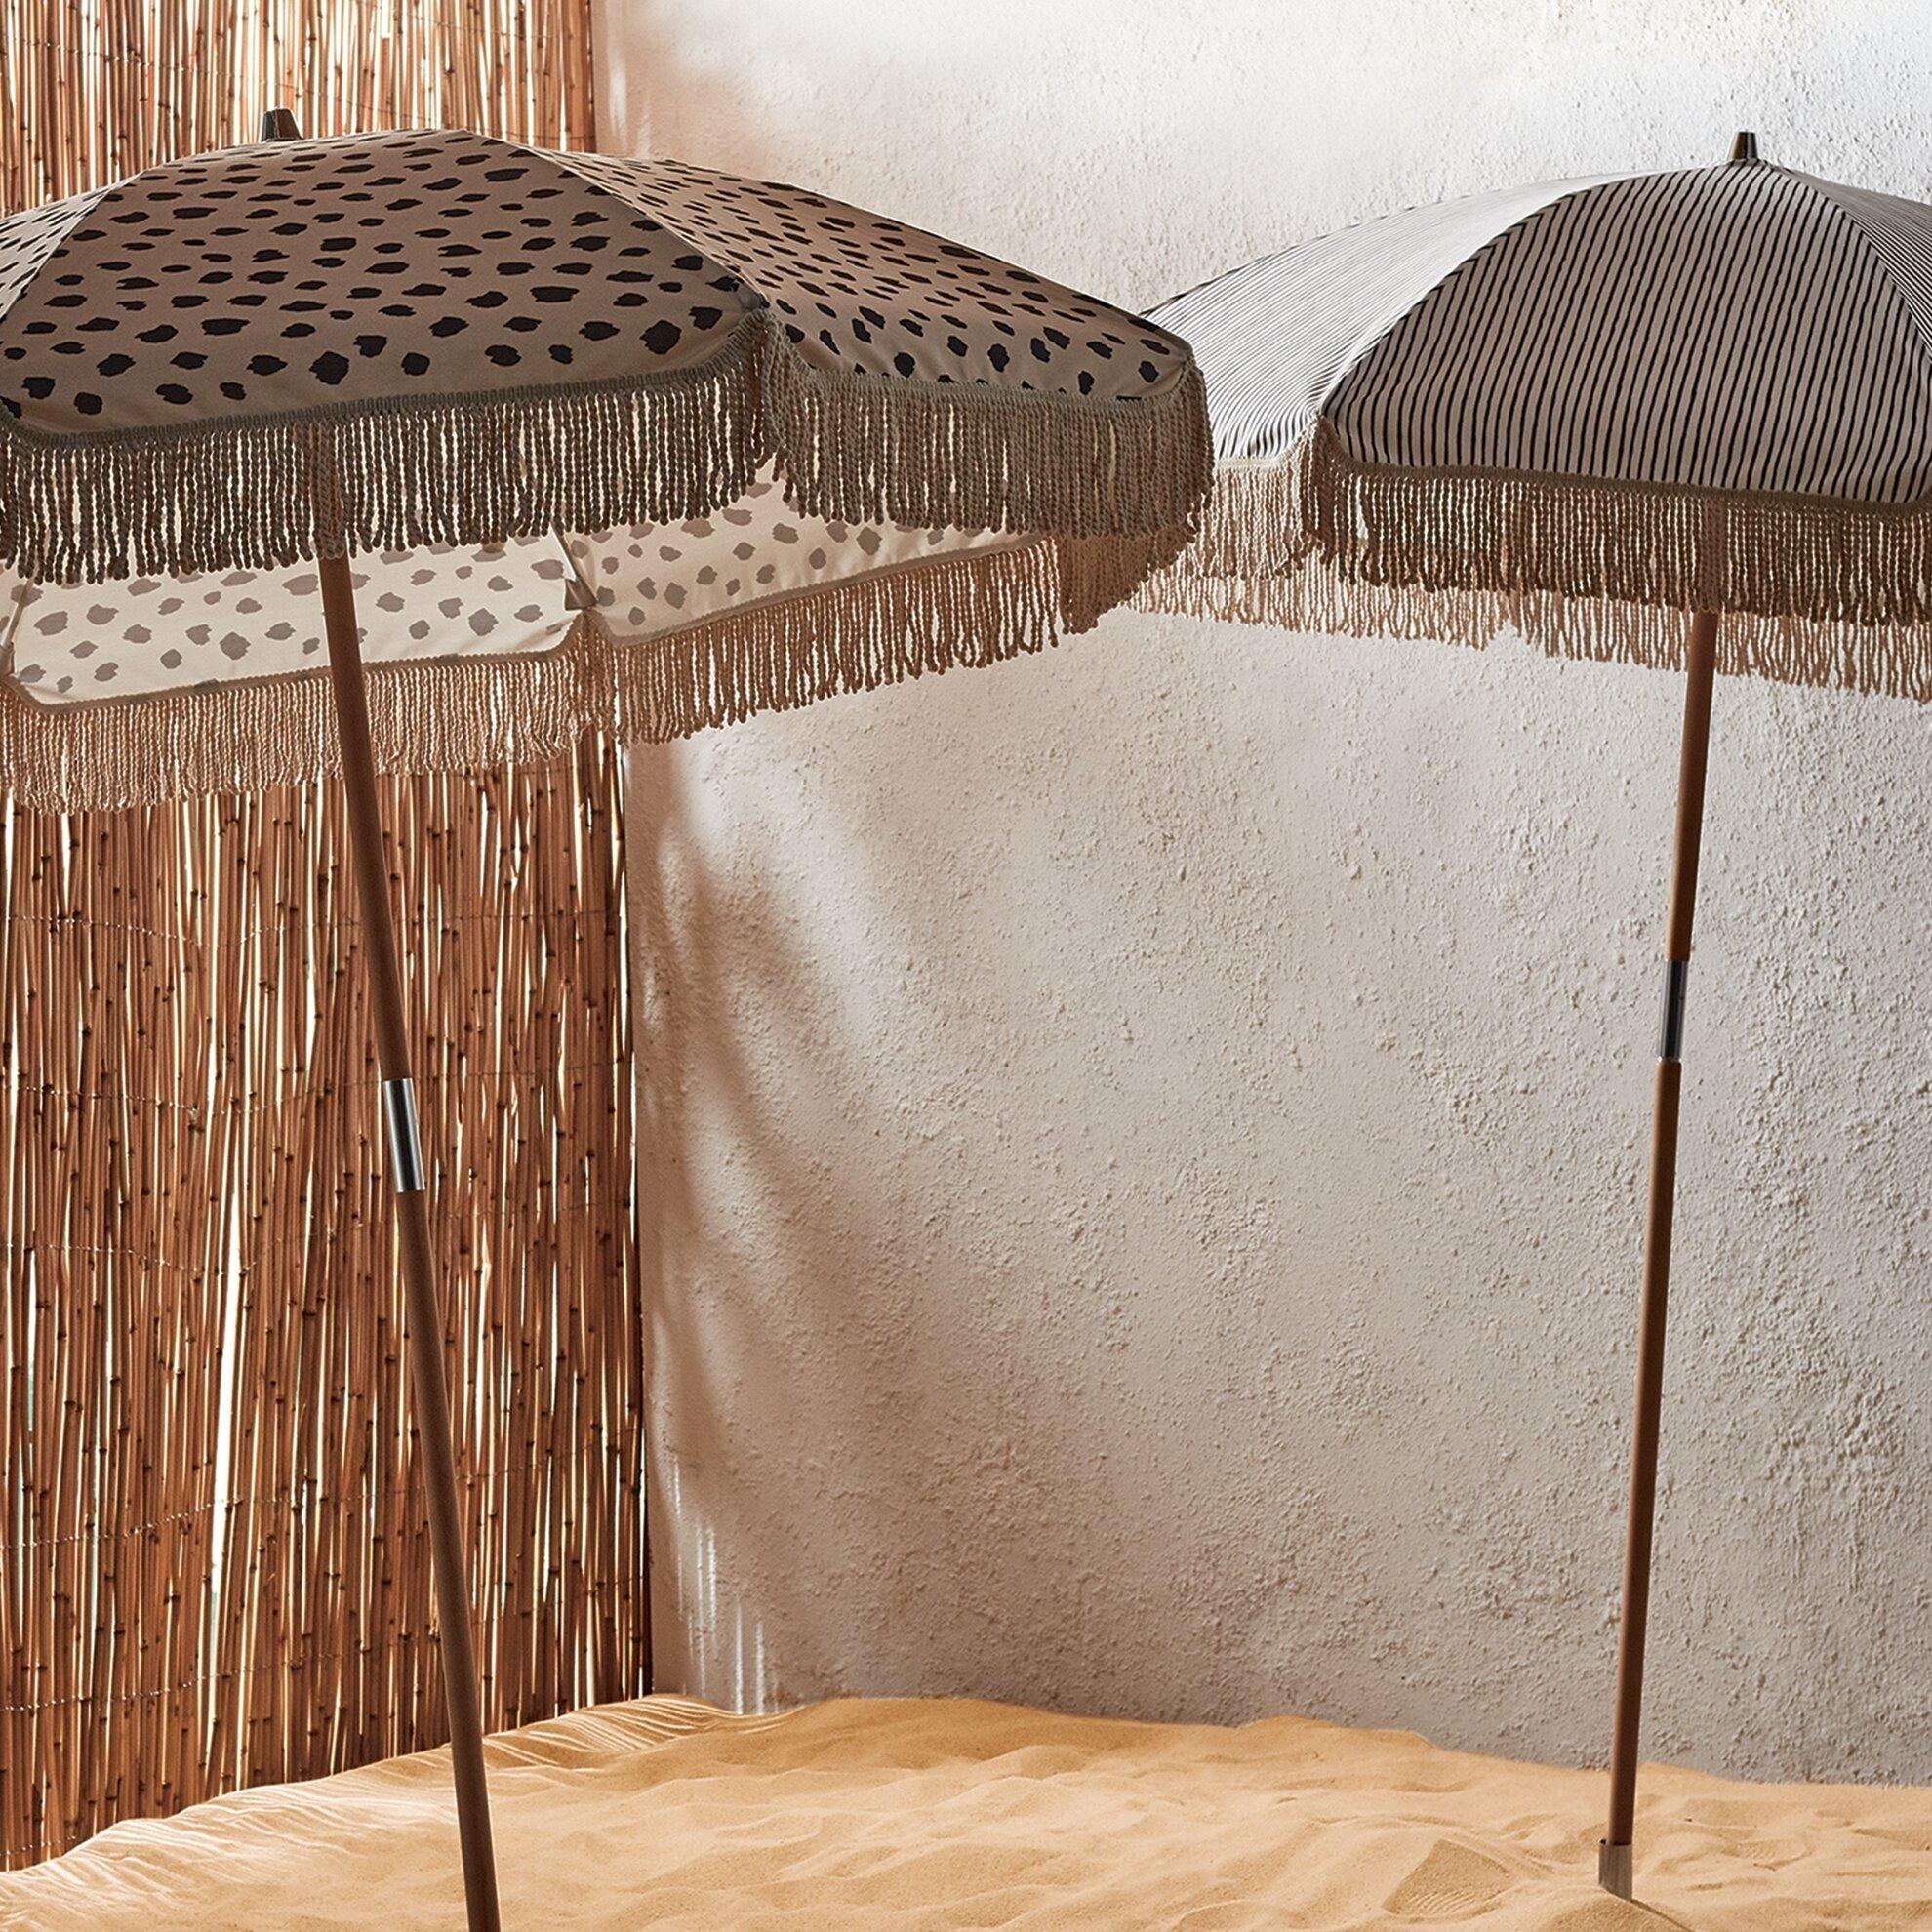 Bahçe Şemsiyesi (180x223cm)